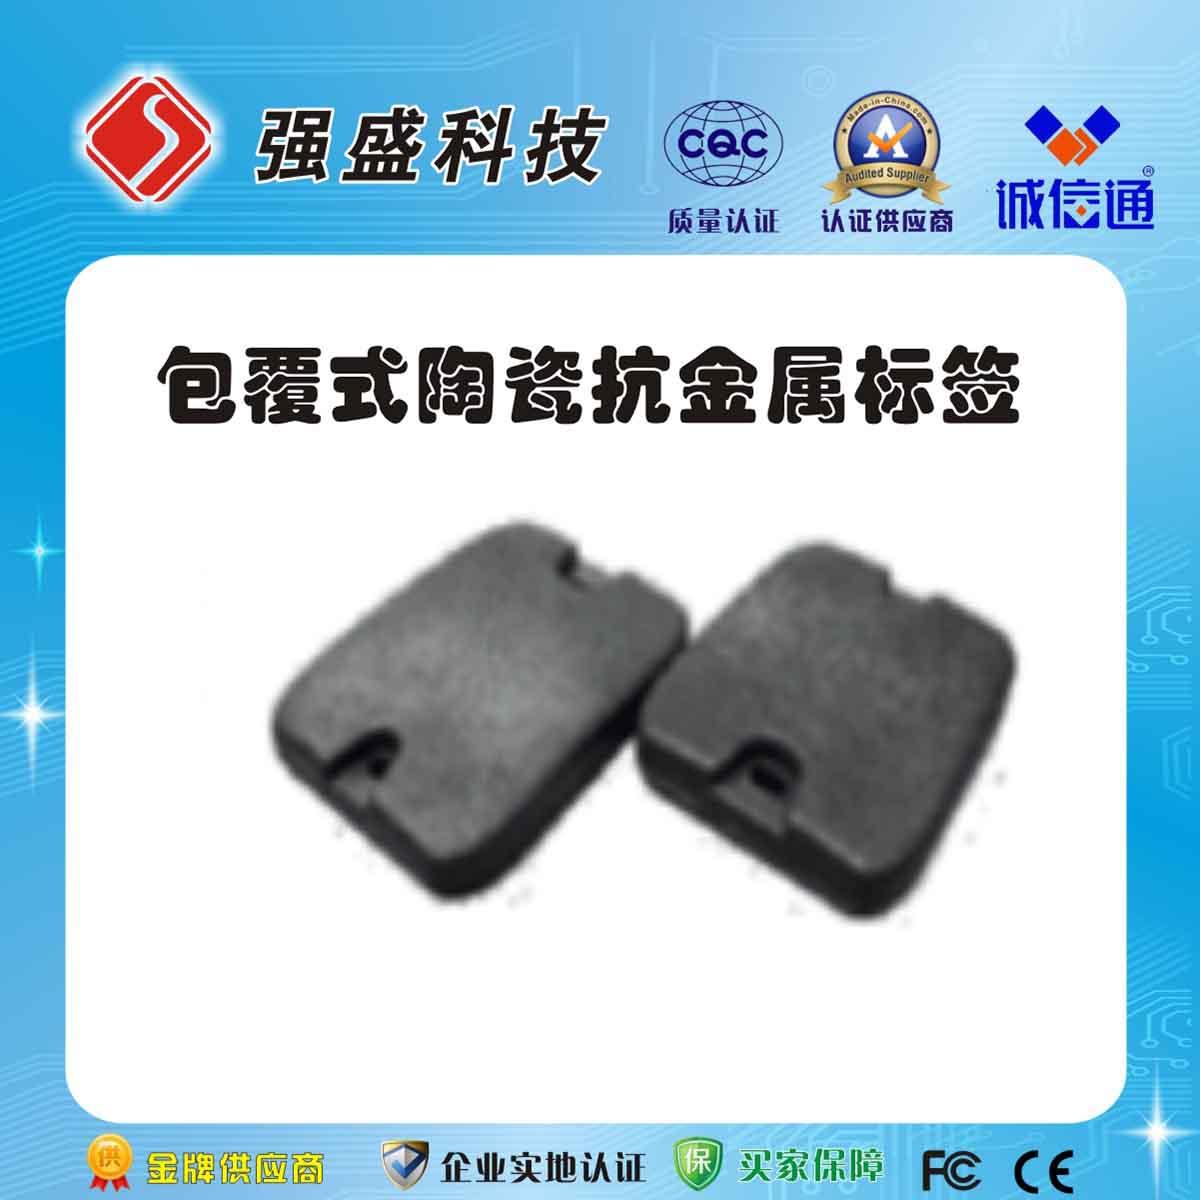 户外等级RFID耐高温耐酸碱抗金属ABS标签可刻字